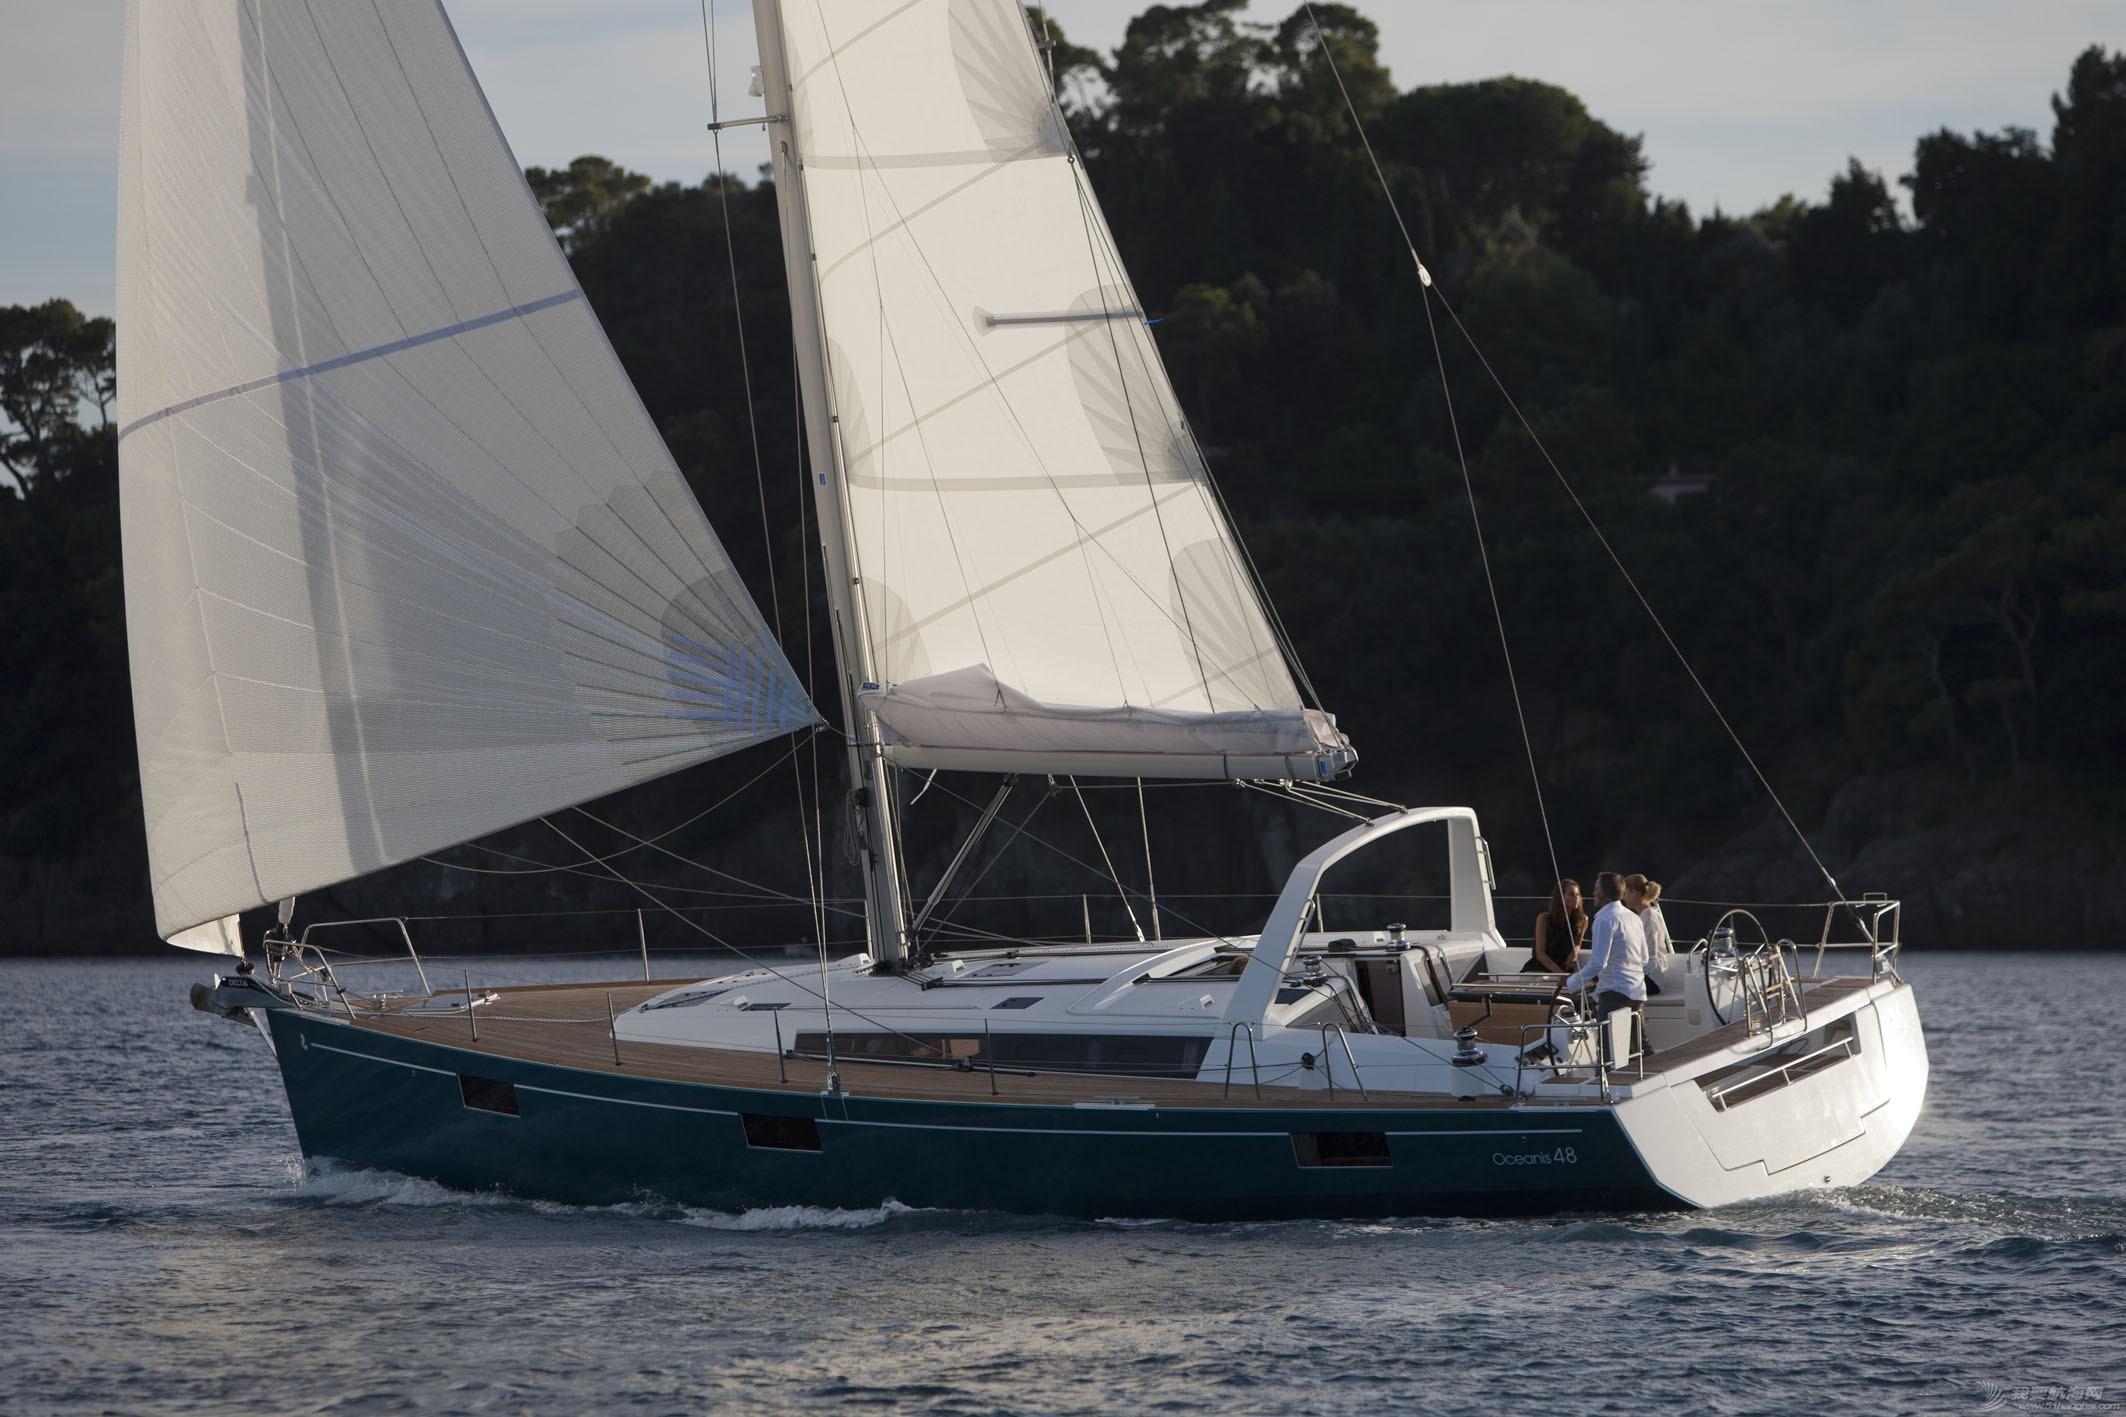 二手,帆船 二手帆船的选择 Oceanis-48-14.jpg